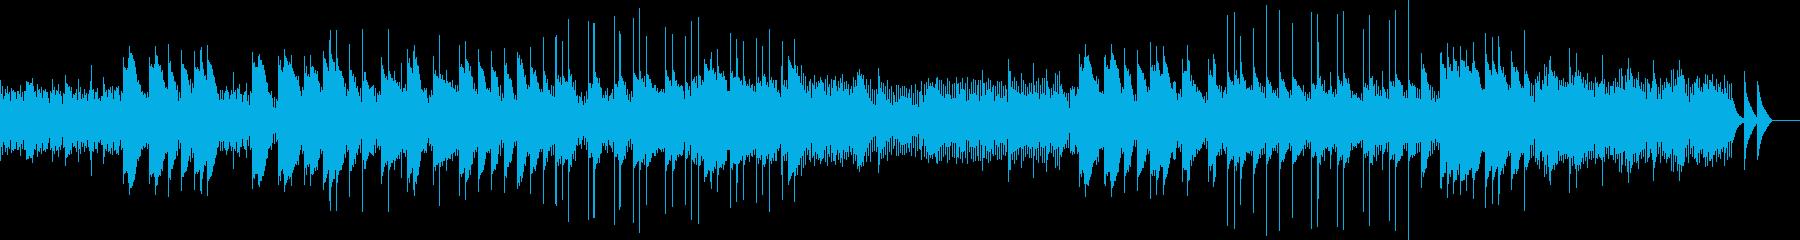 月光 ベートーベン (オルゴール)の再生済みの波形